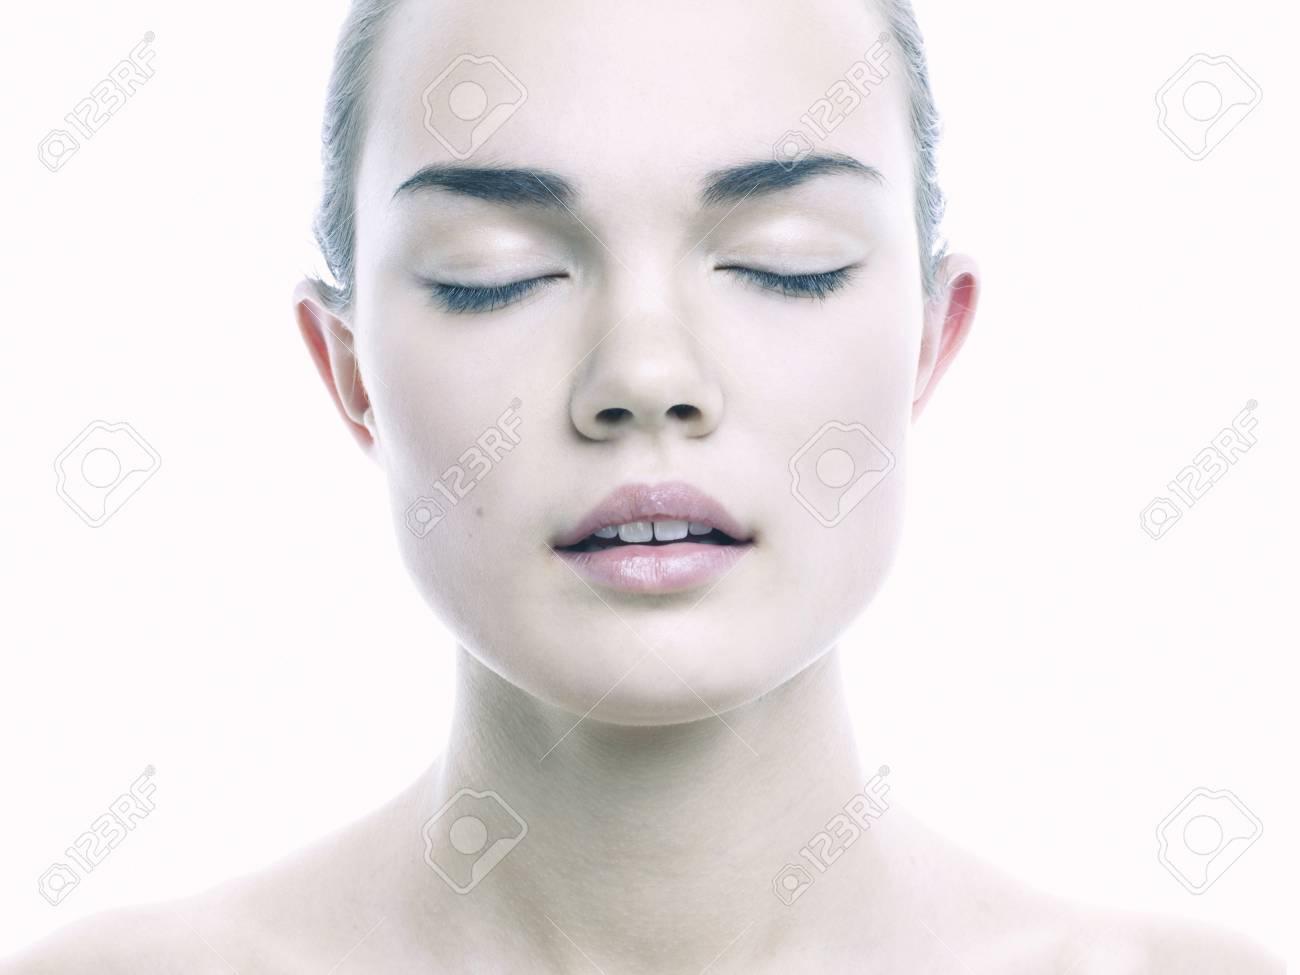 Angelica Bella Fotos ritratto di signora angelica bella su sfondo bianco